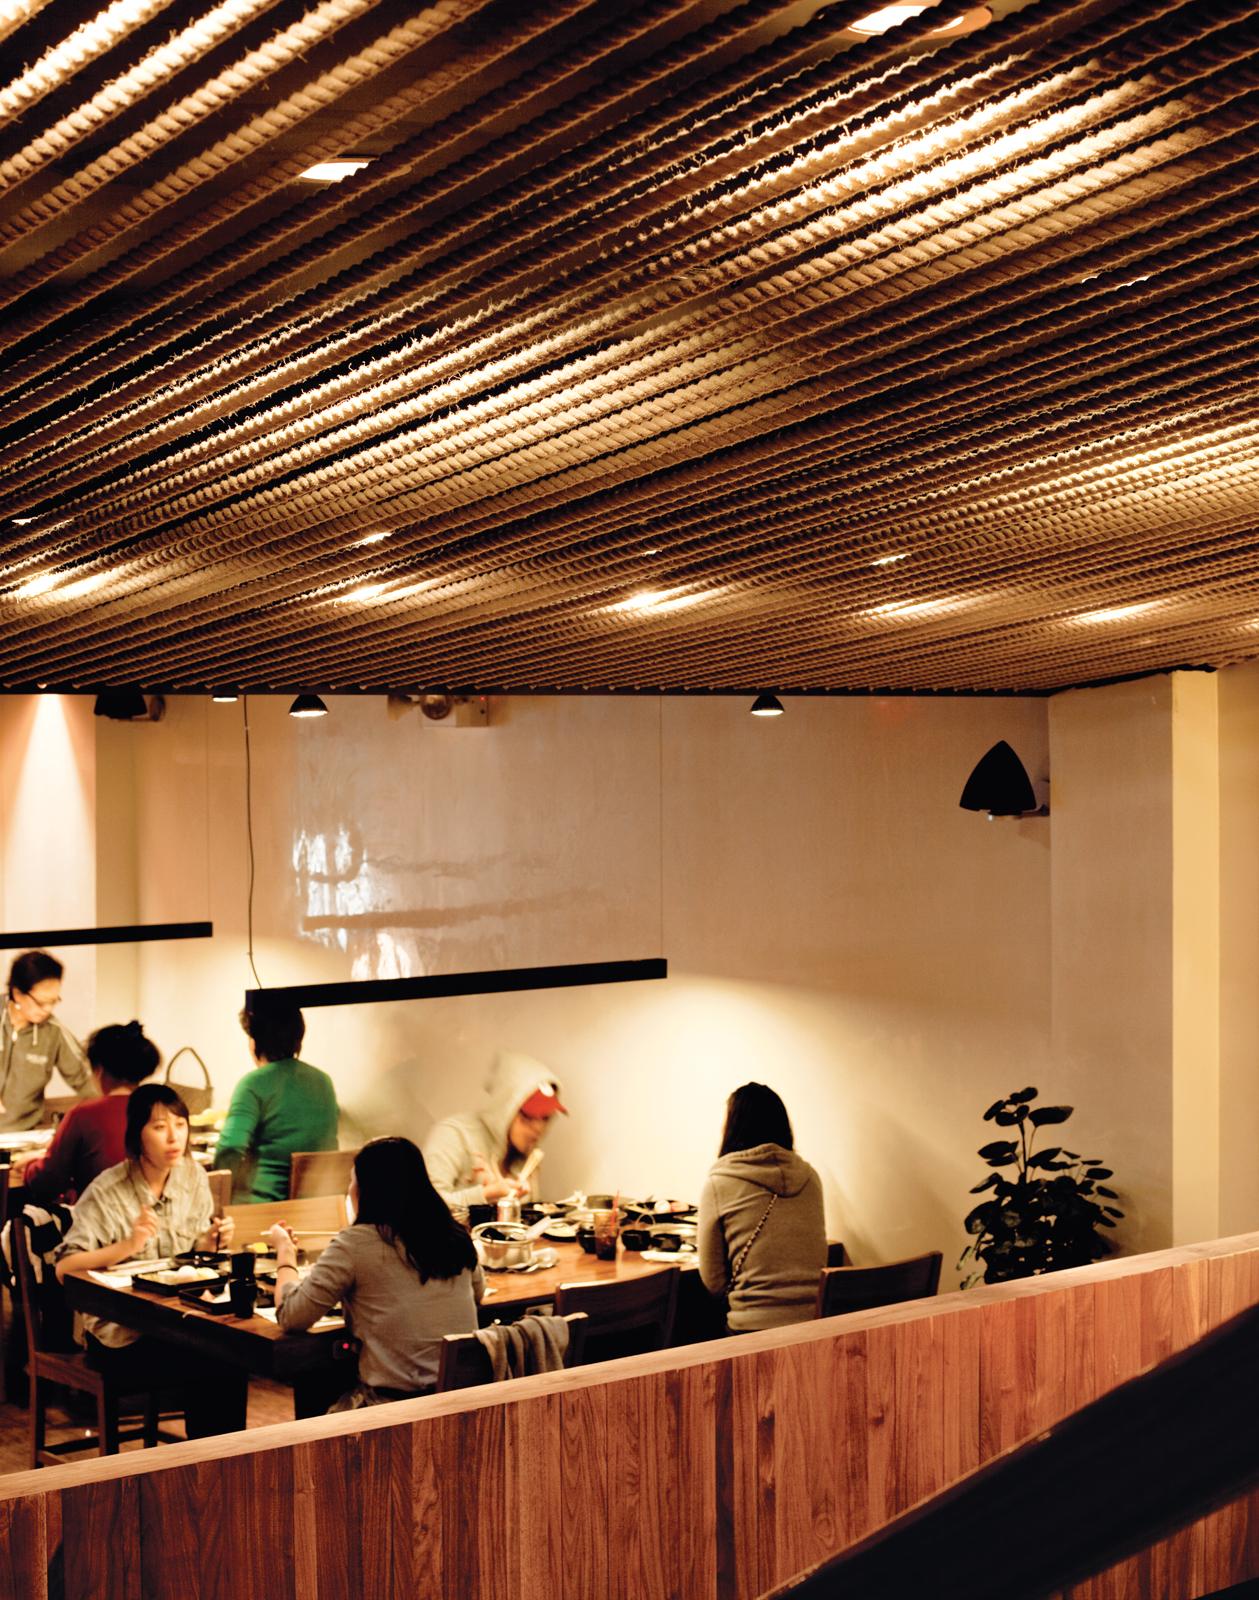 Minnis Shabu Shabu restaurant in Flushing, New York